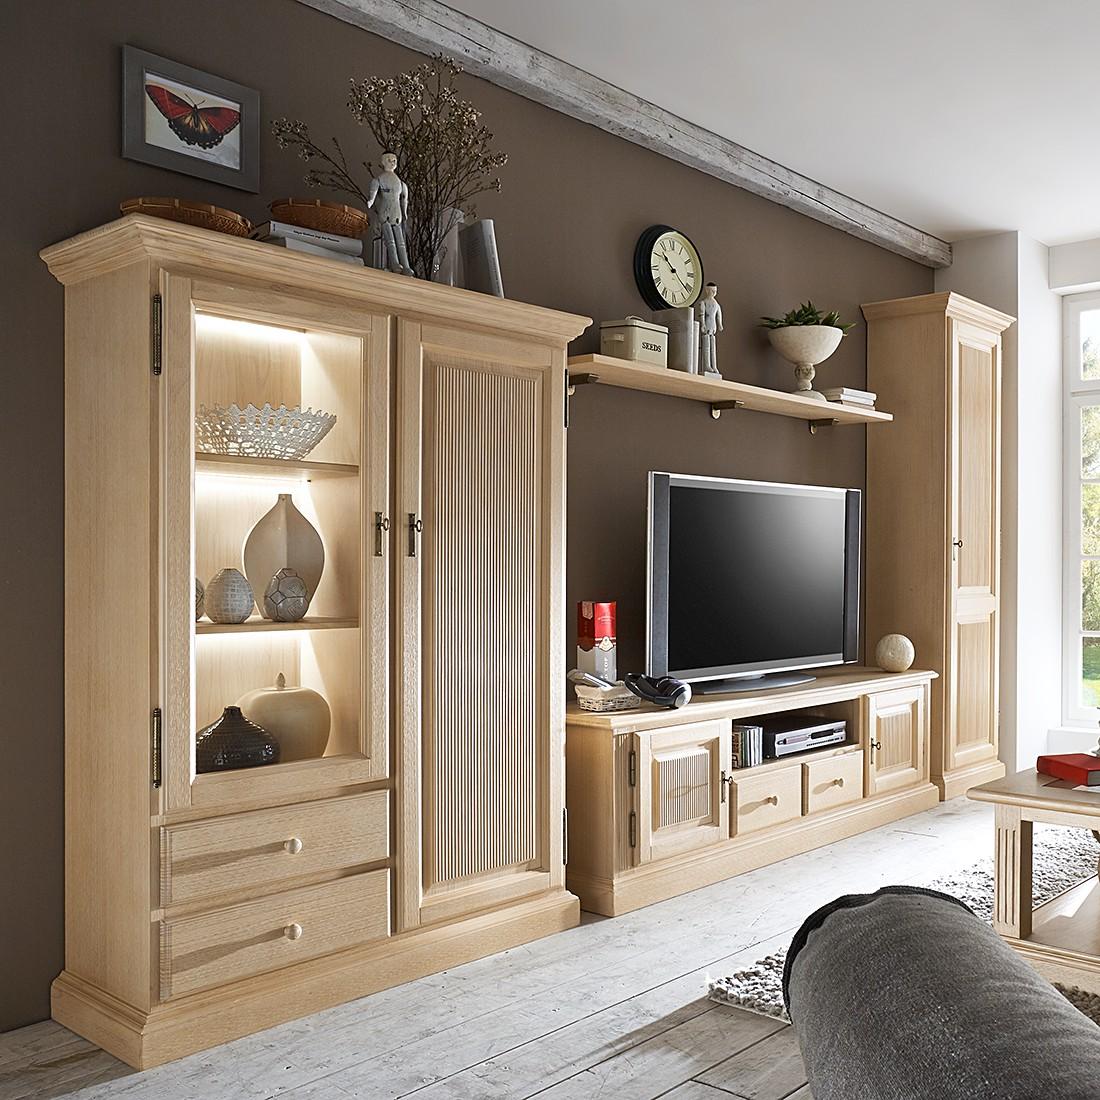 Lowboard Von Landhaus Classic Bei Home24 Kaufen | Home24